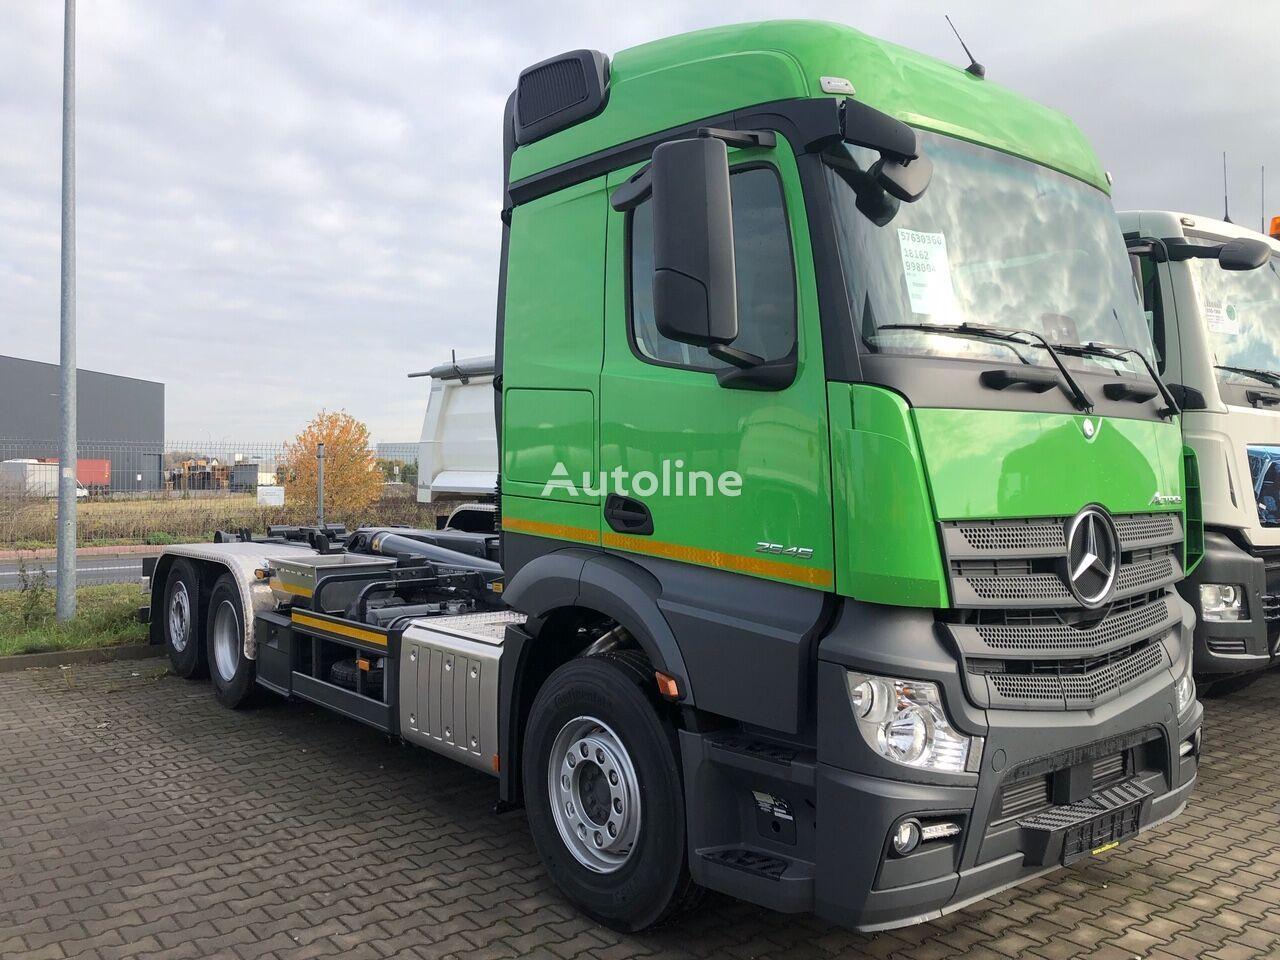 jauns MERCEDES-BENZ Actros 2545L 6X2 kravas automašīna pacēlājs ar āķi